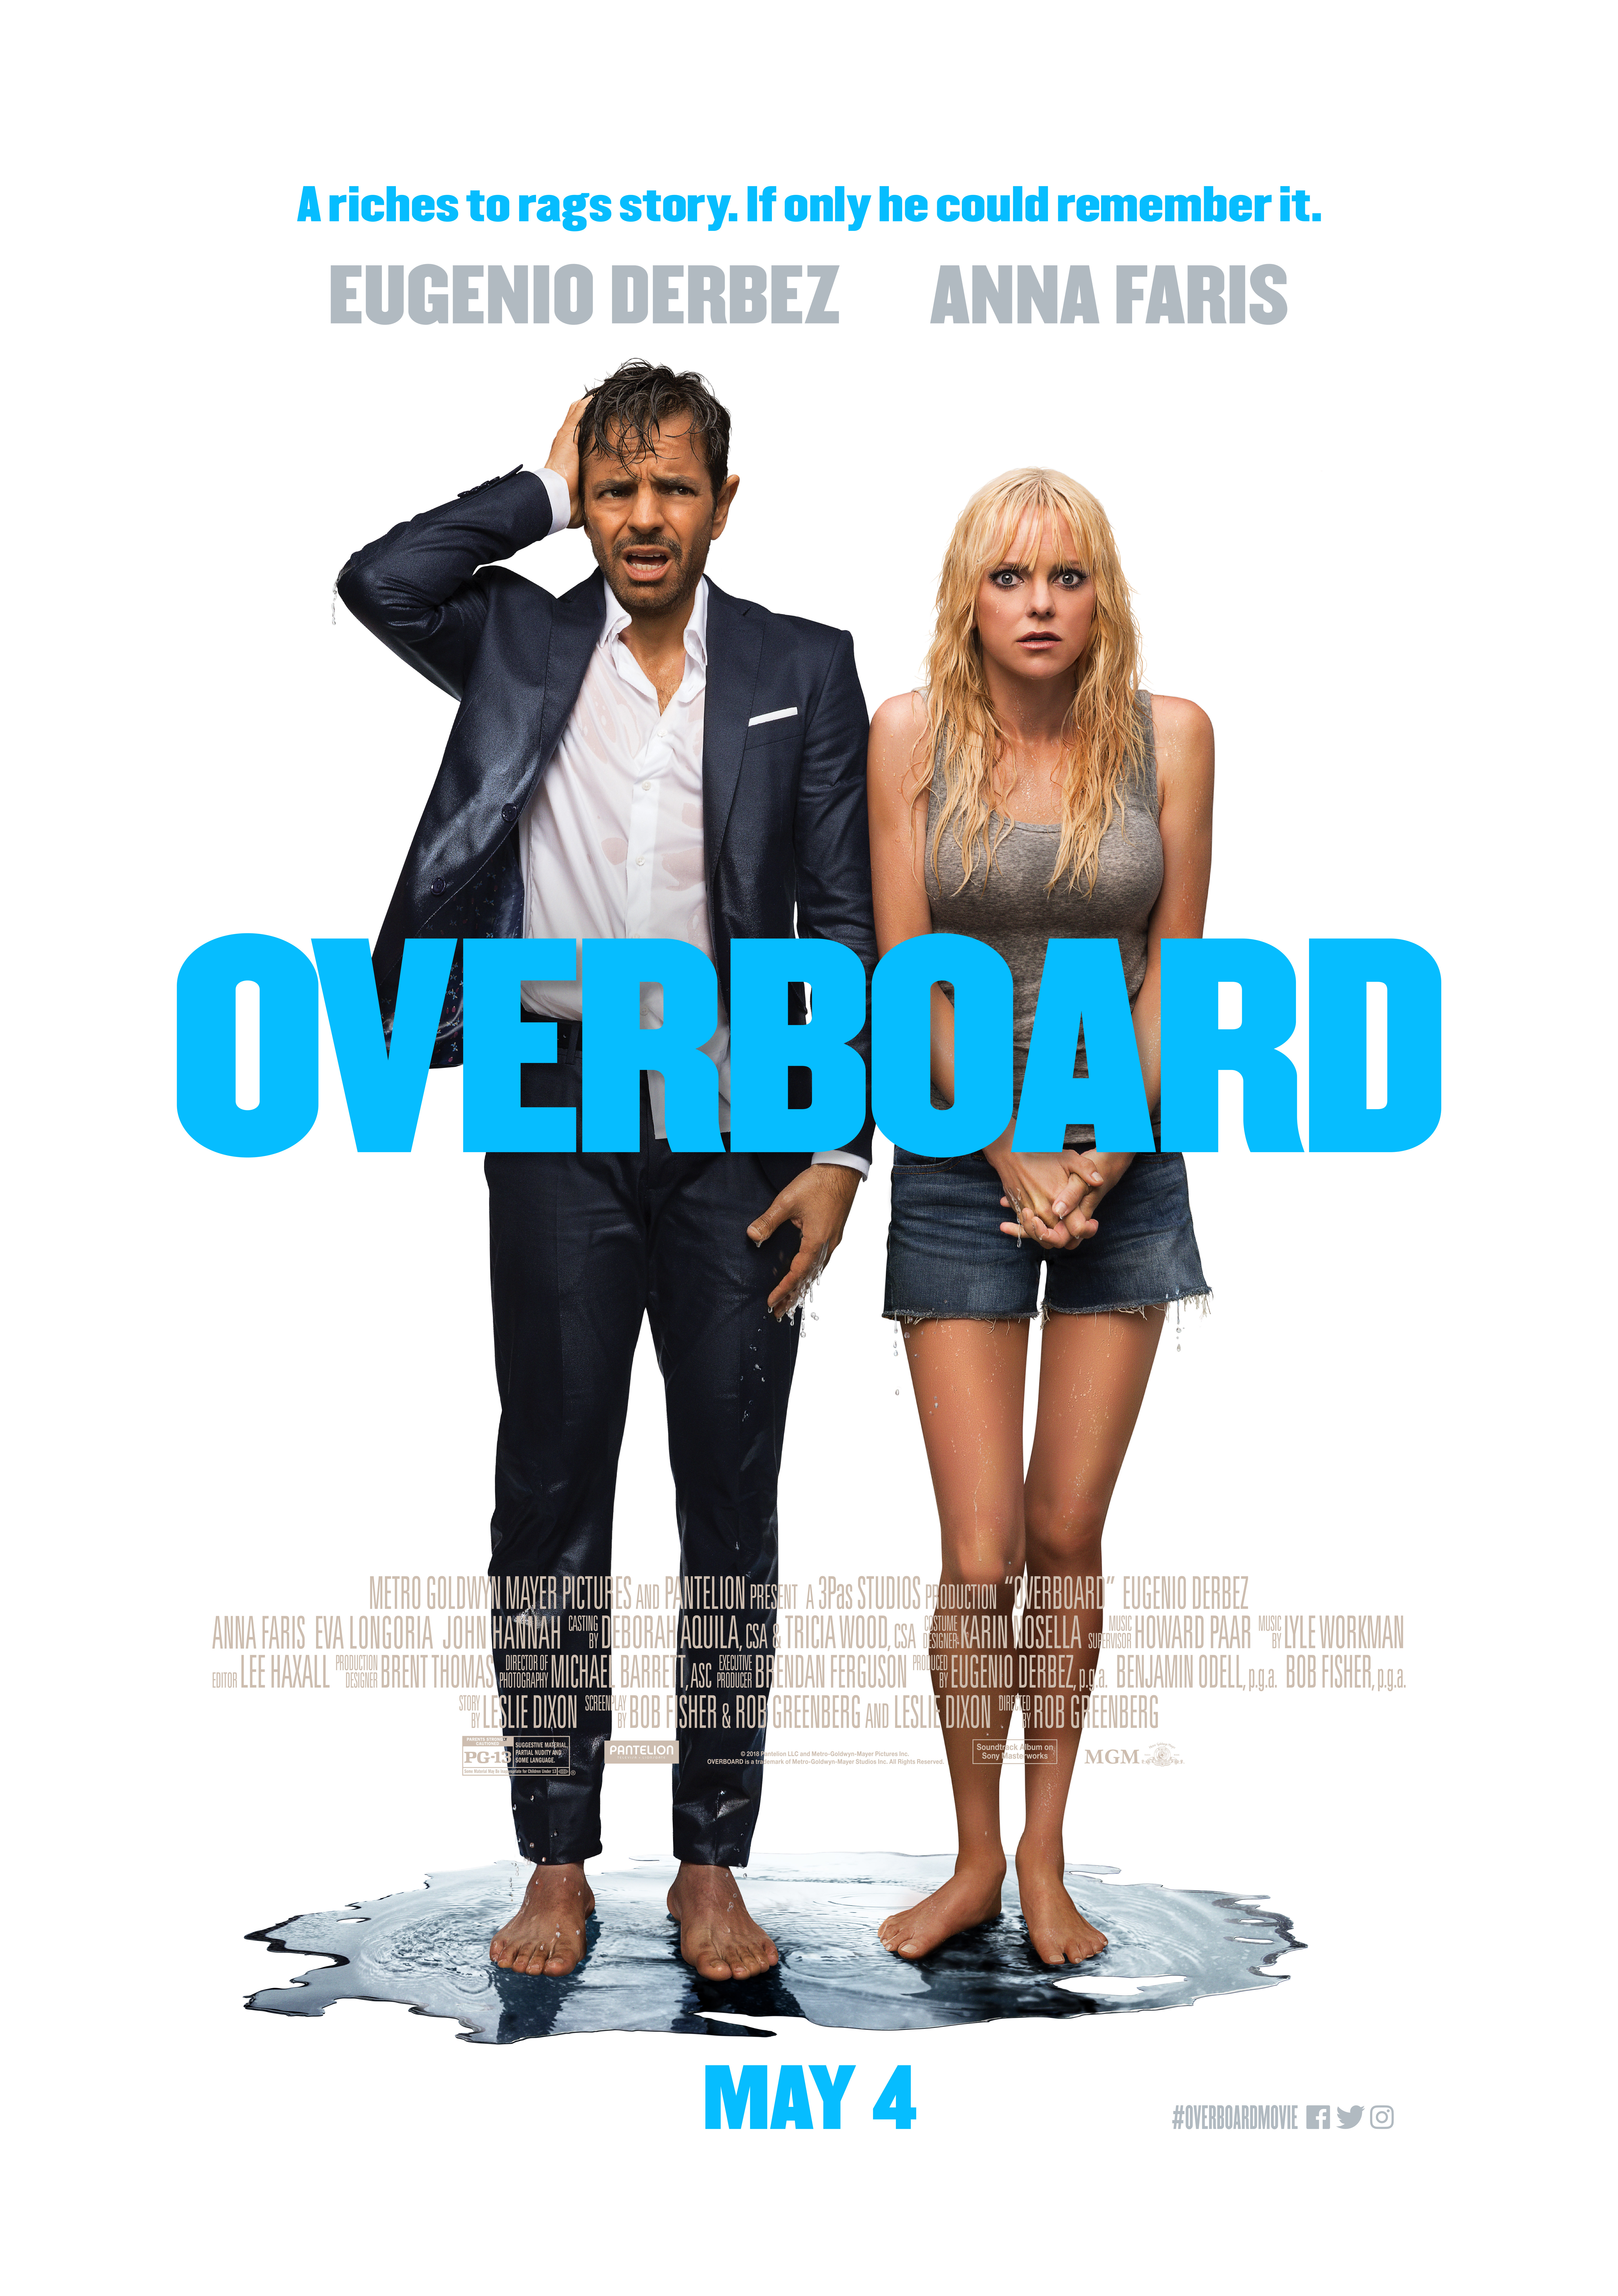 Güvertede – Overboard